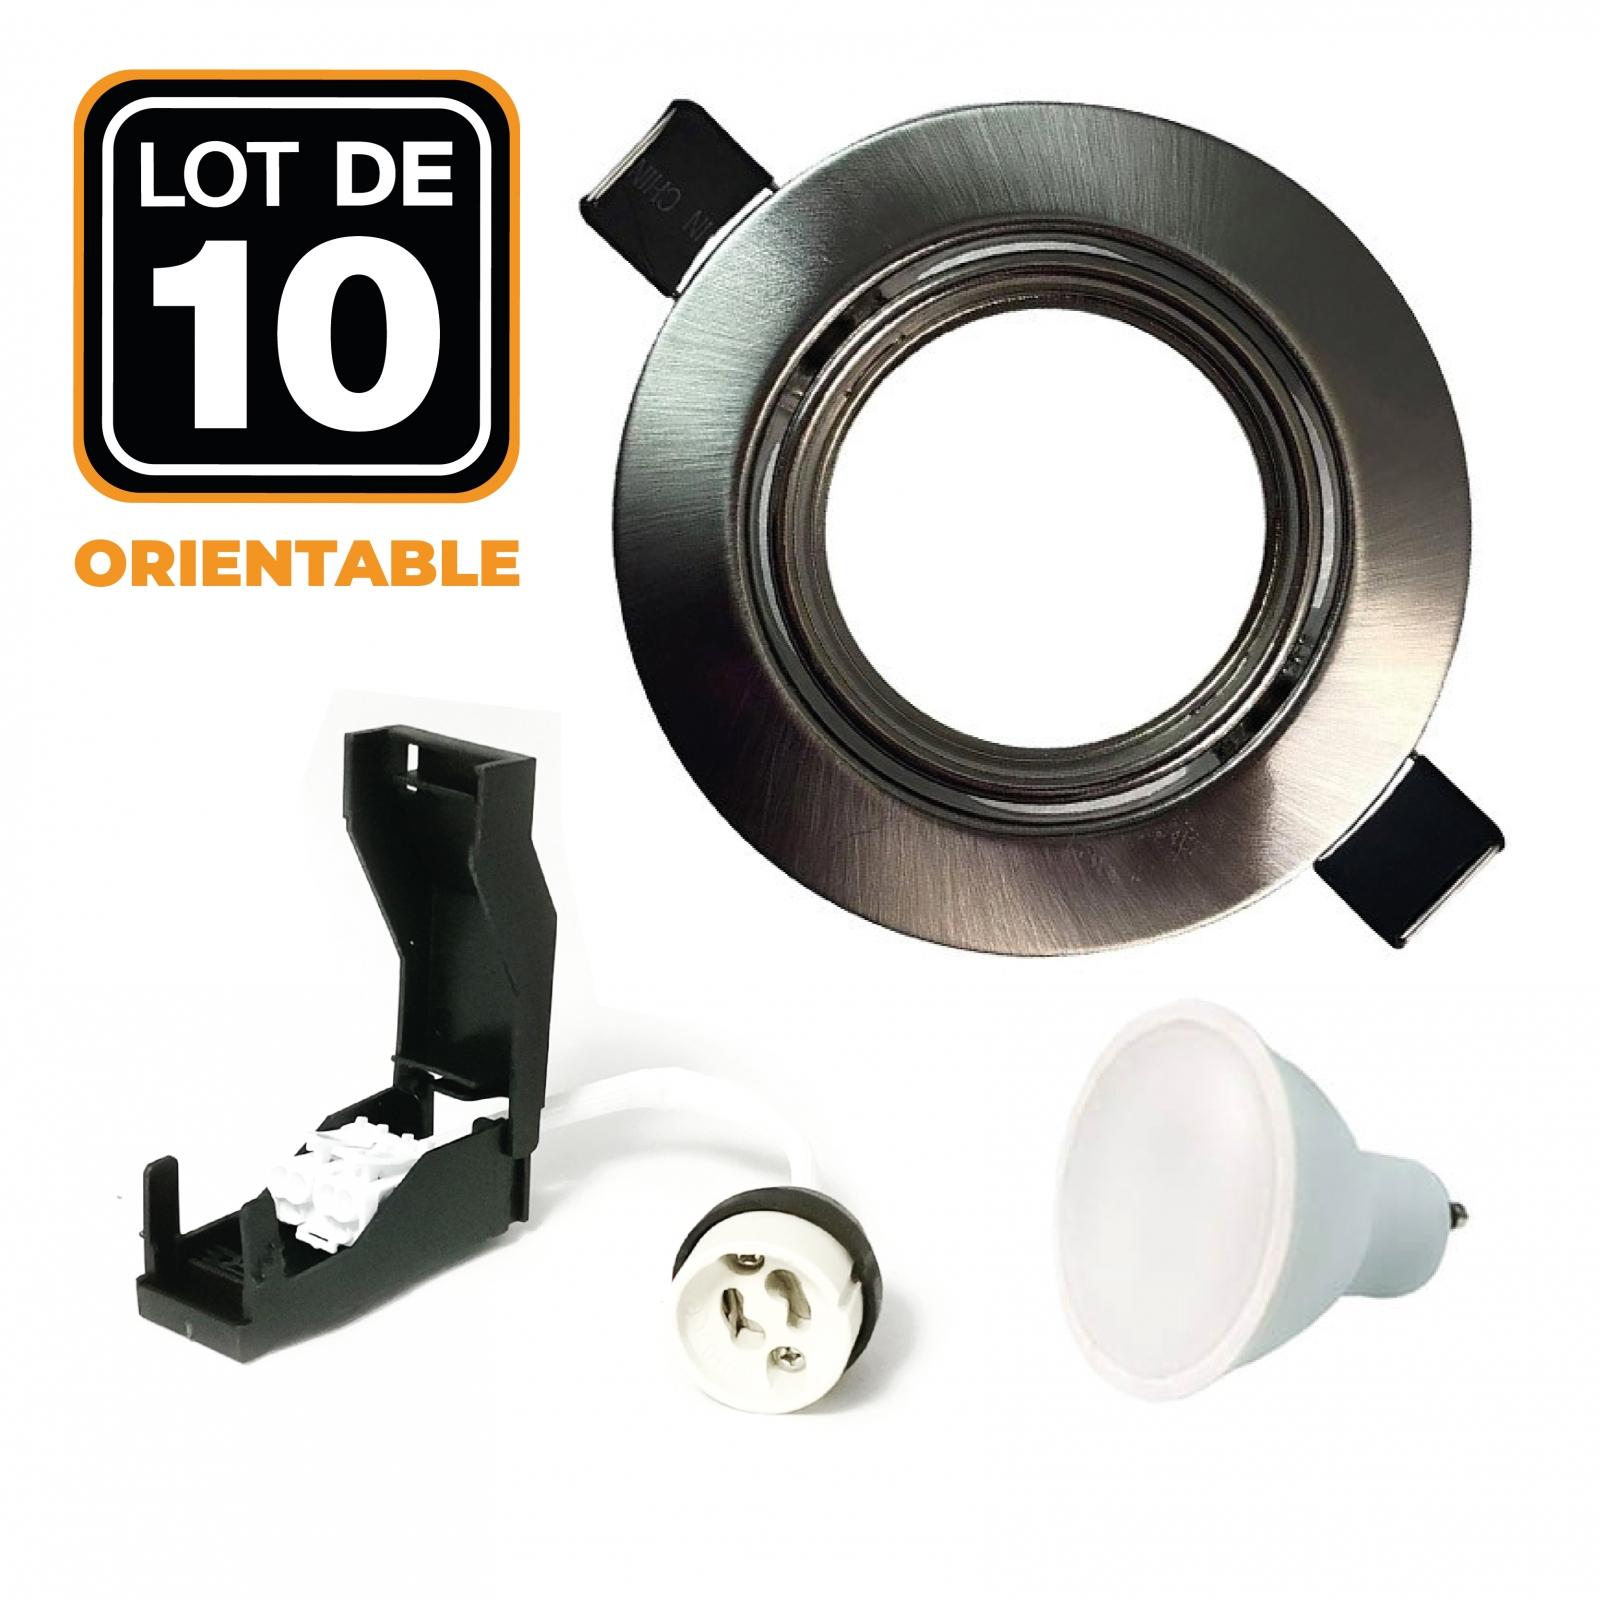 Lot de 10 Spots encastrable orientable ALU BROSSE avec GU10 LED de 5W eqv. 40W